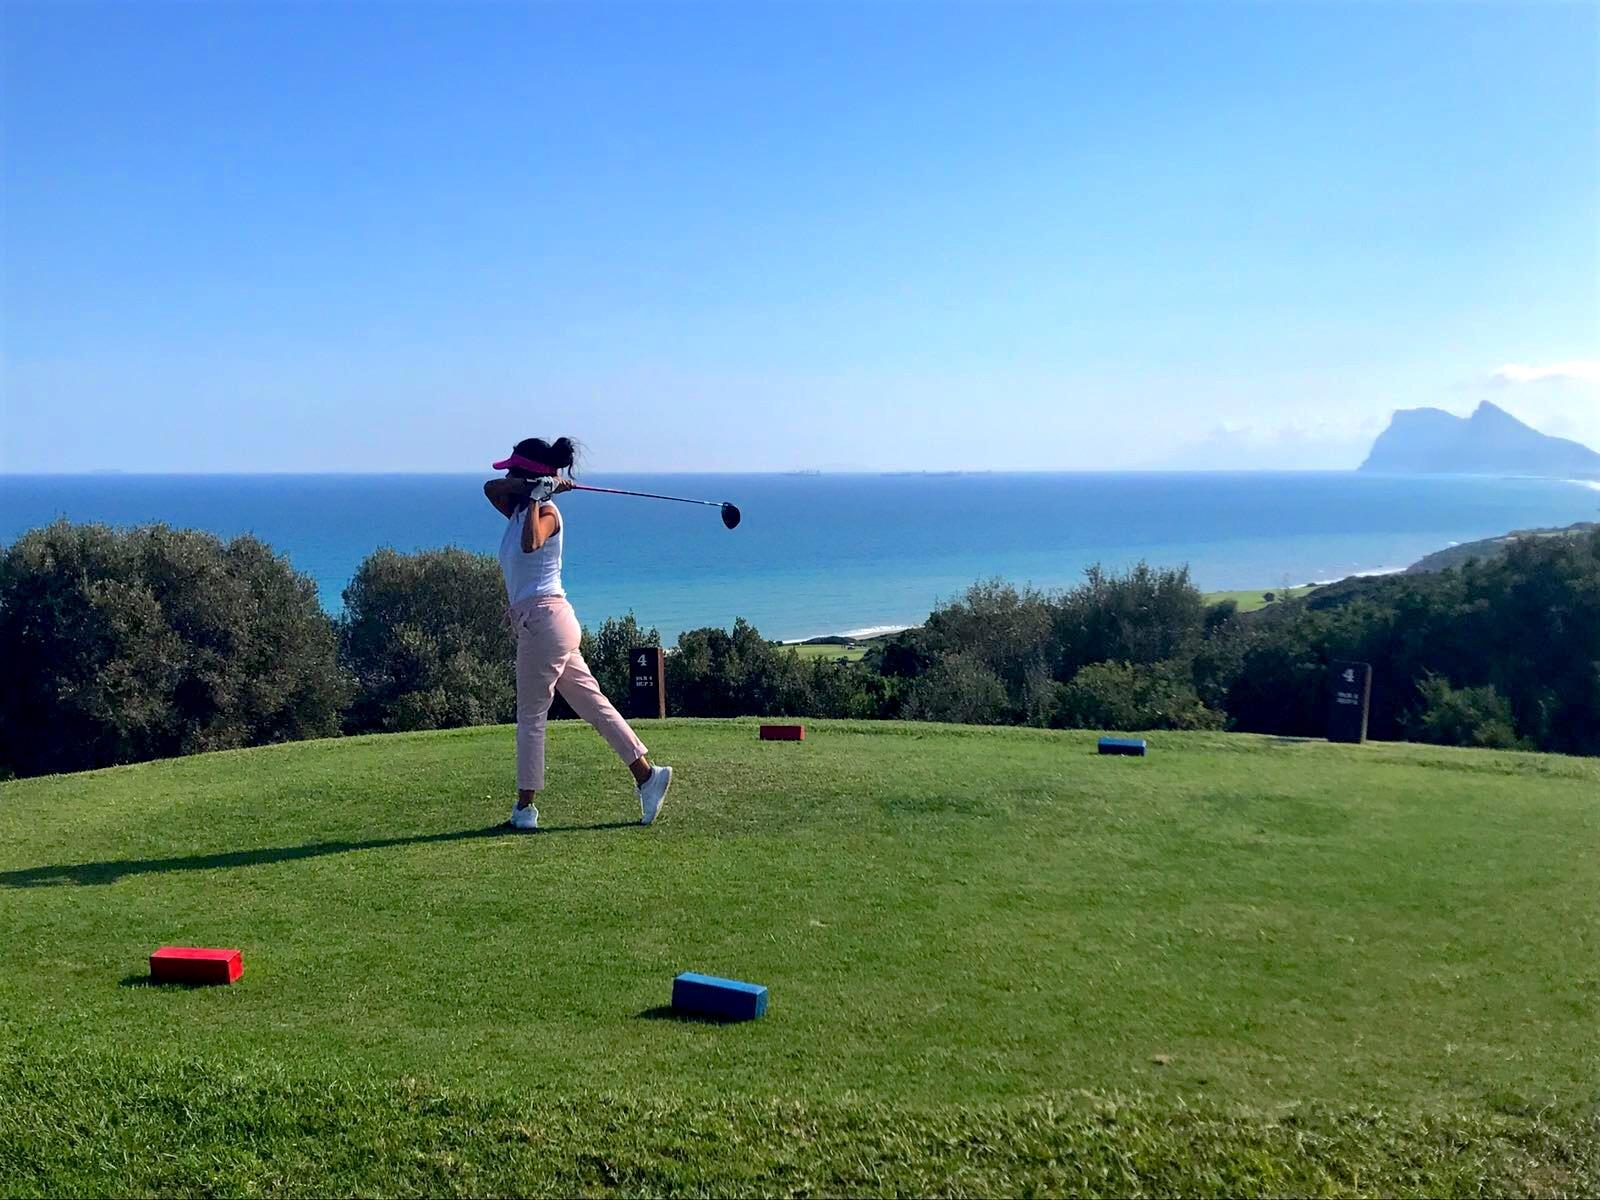 Costa del Sol Woman Golfing